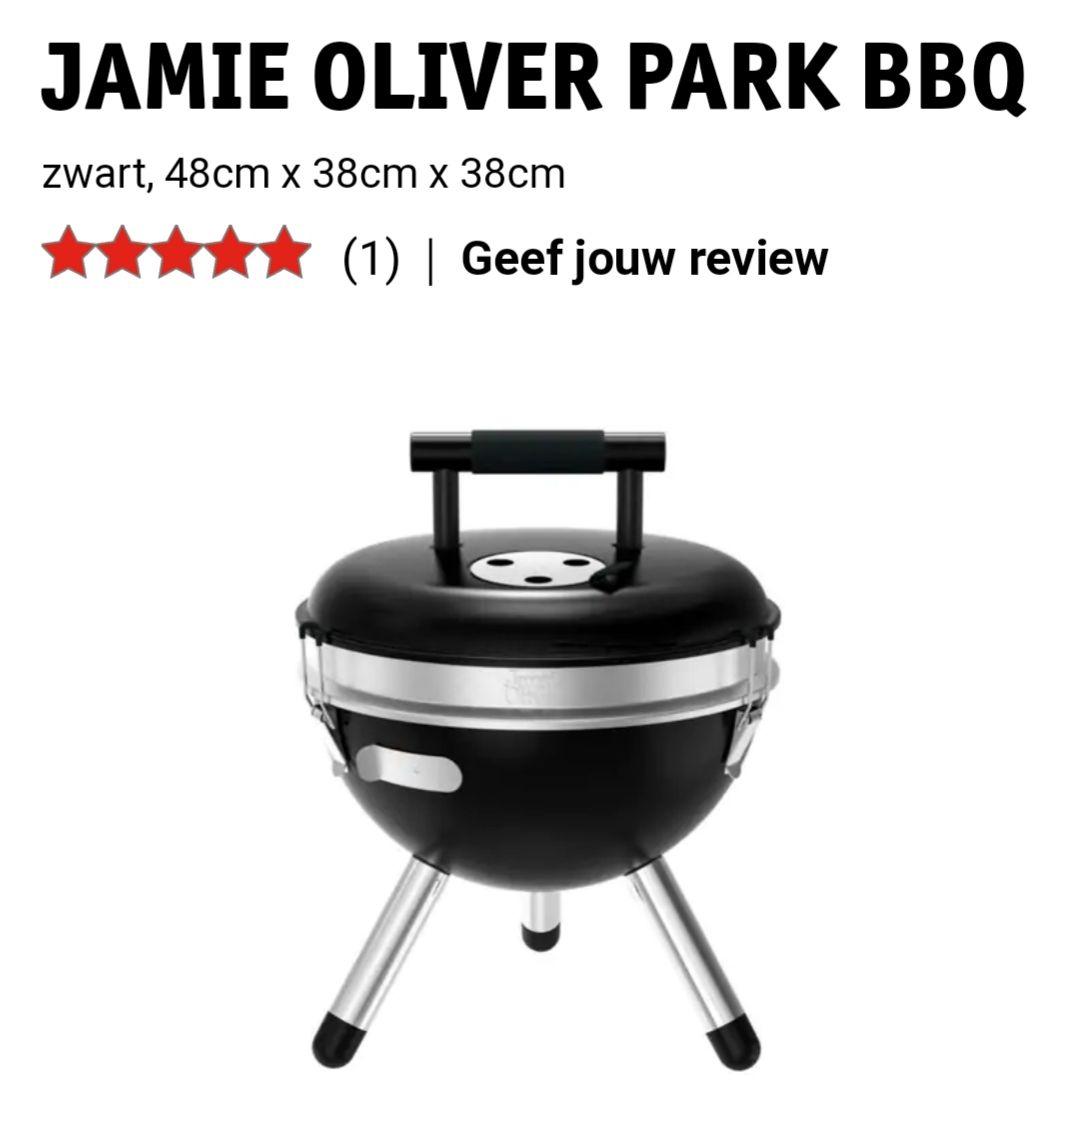 Jamie Oliver bbq's